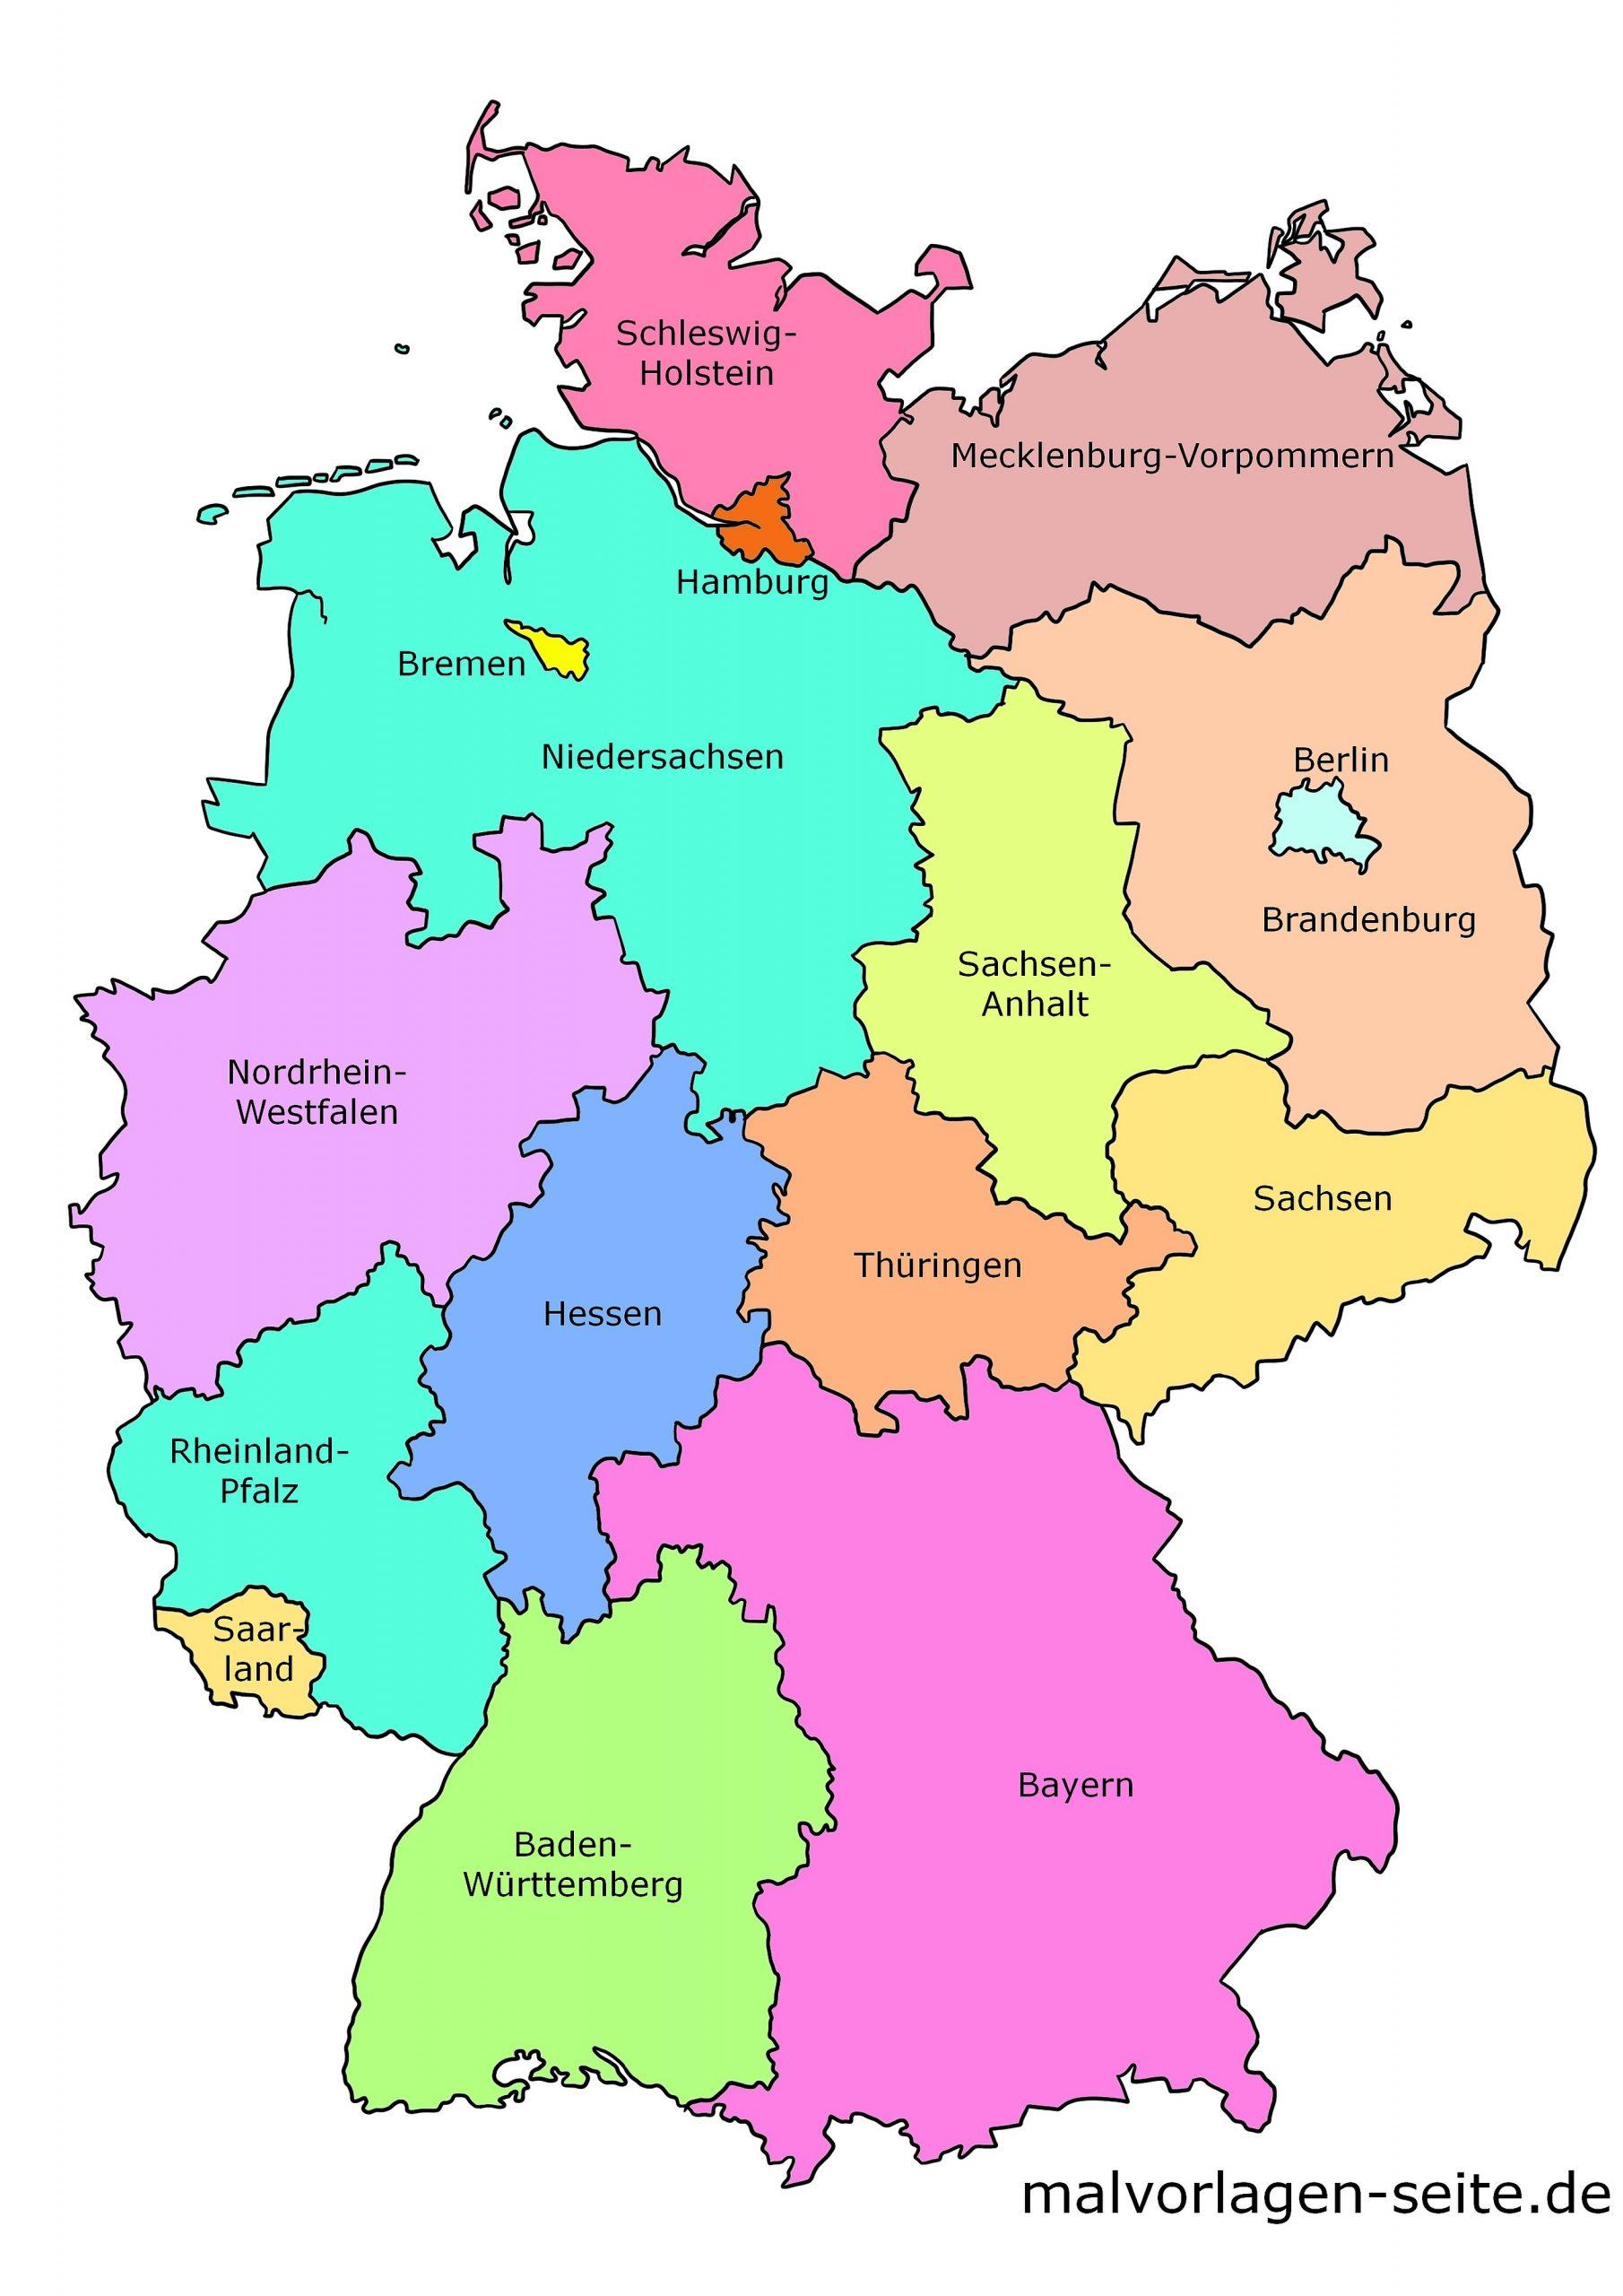 Deutschland Landkarte Der Bundesländer - Politsche Karte innen Deutschlands Bundesländer Und Hauptstädte